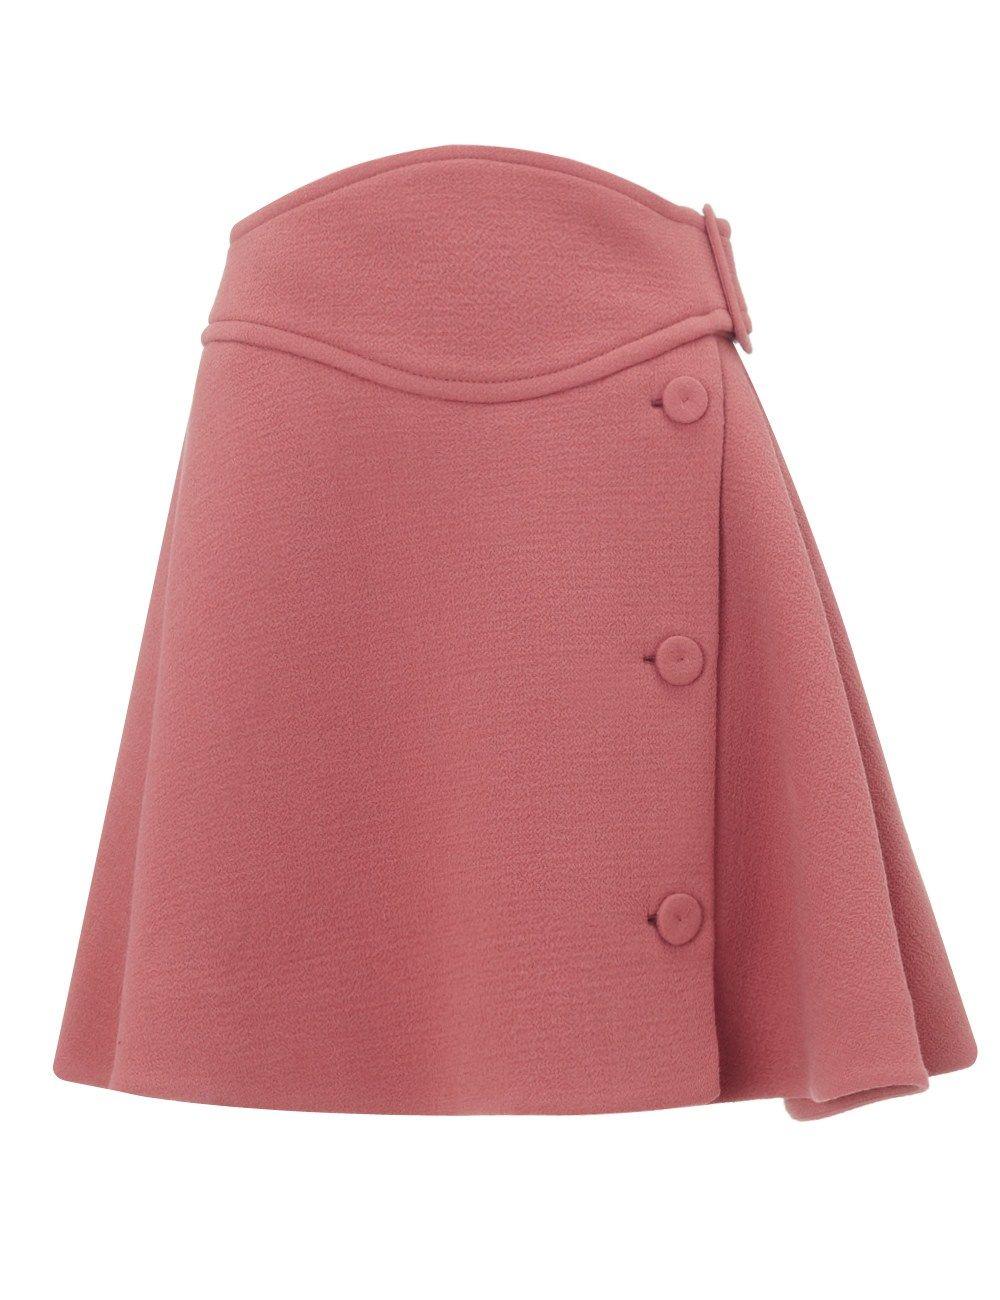 Old Pink Wool Skater Skirt | Carven | Avenue32